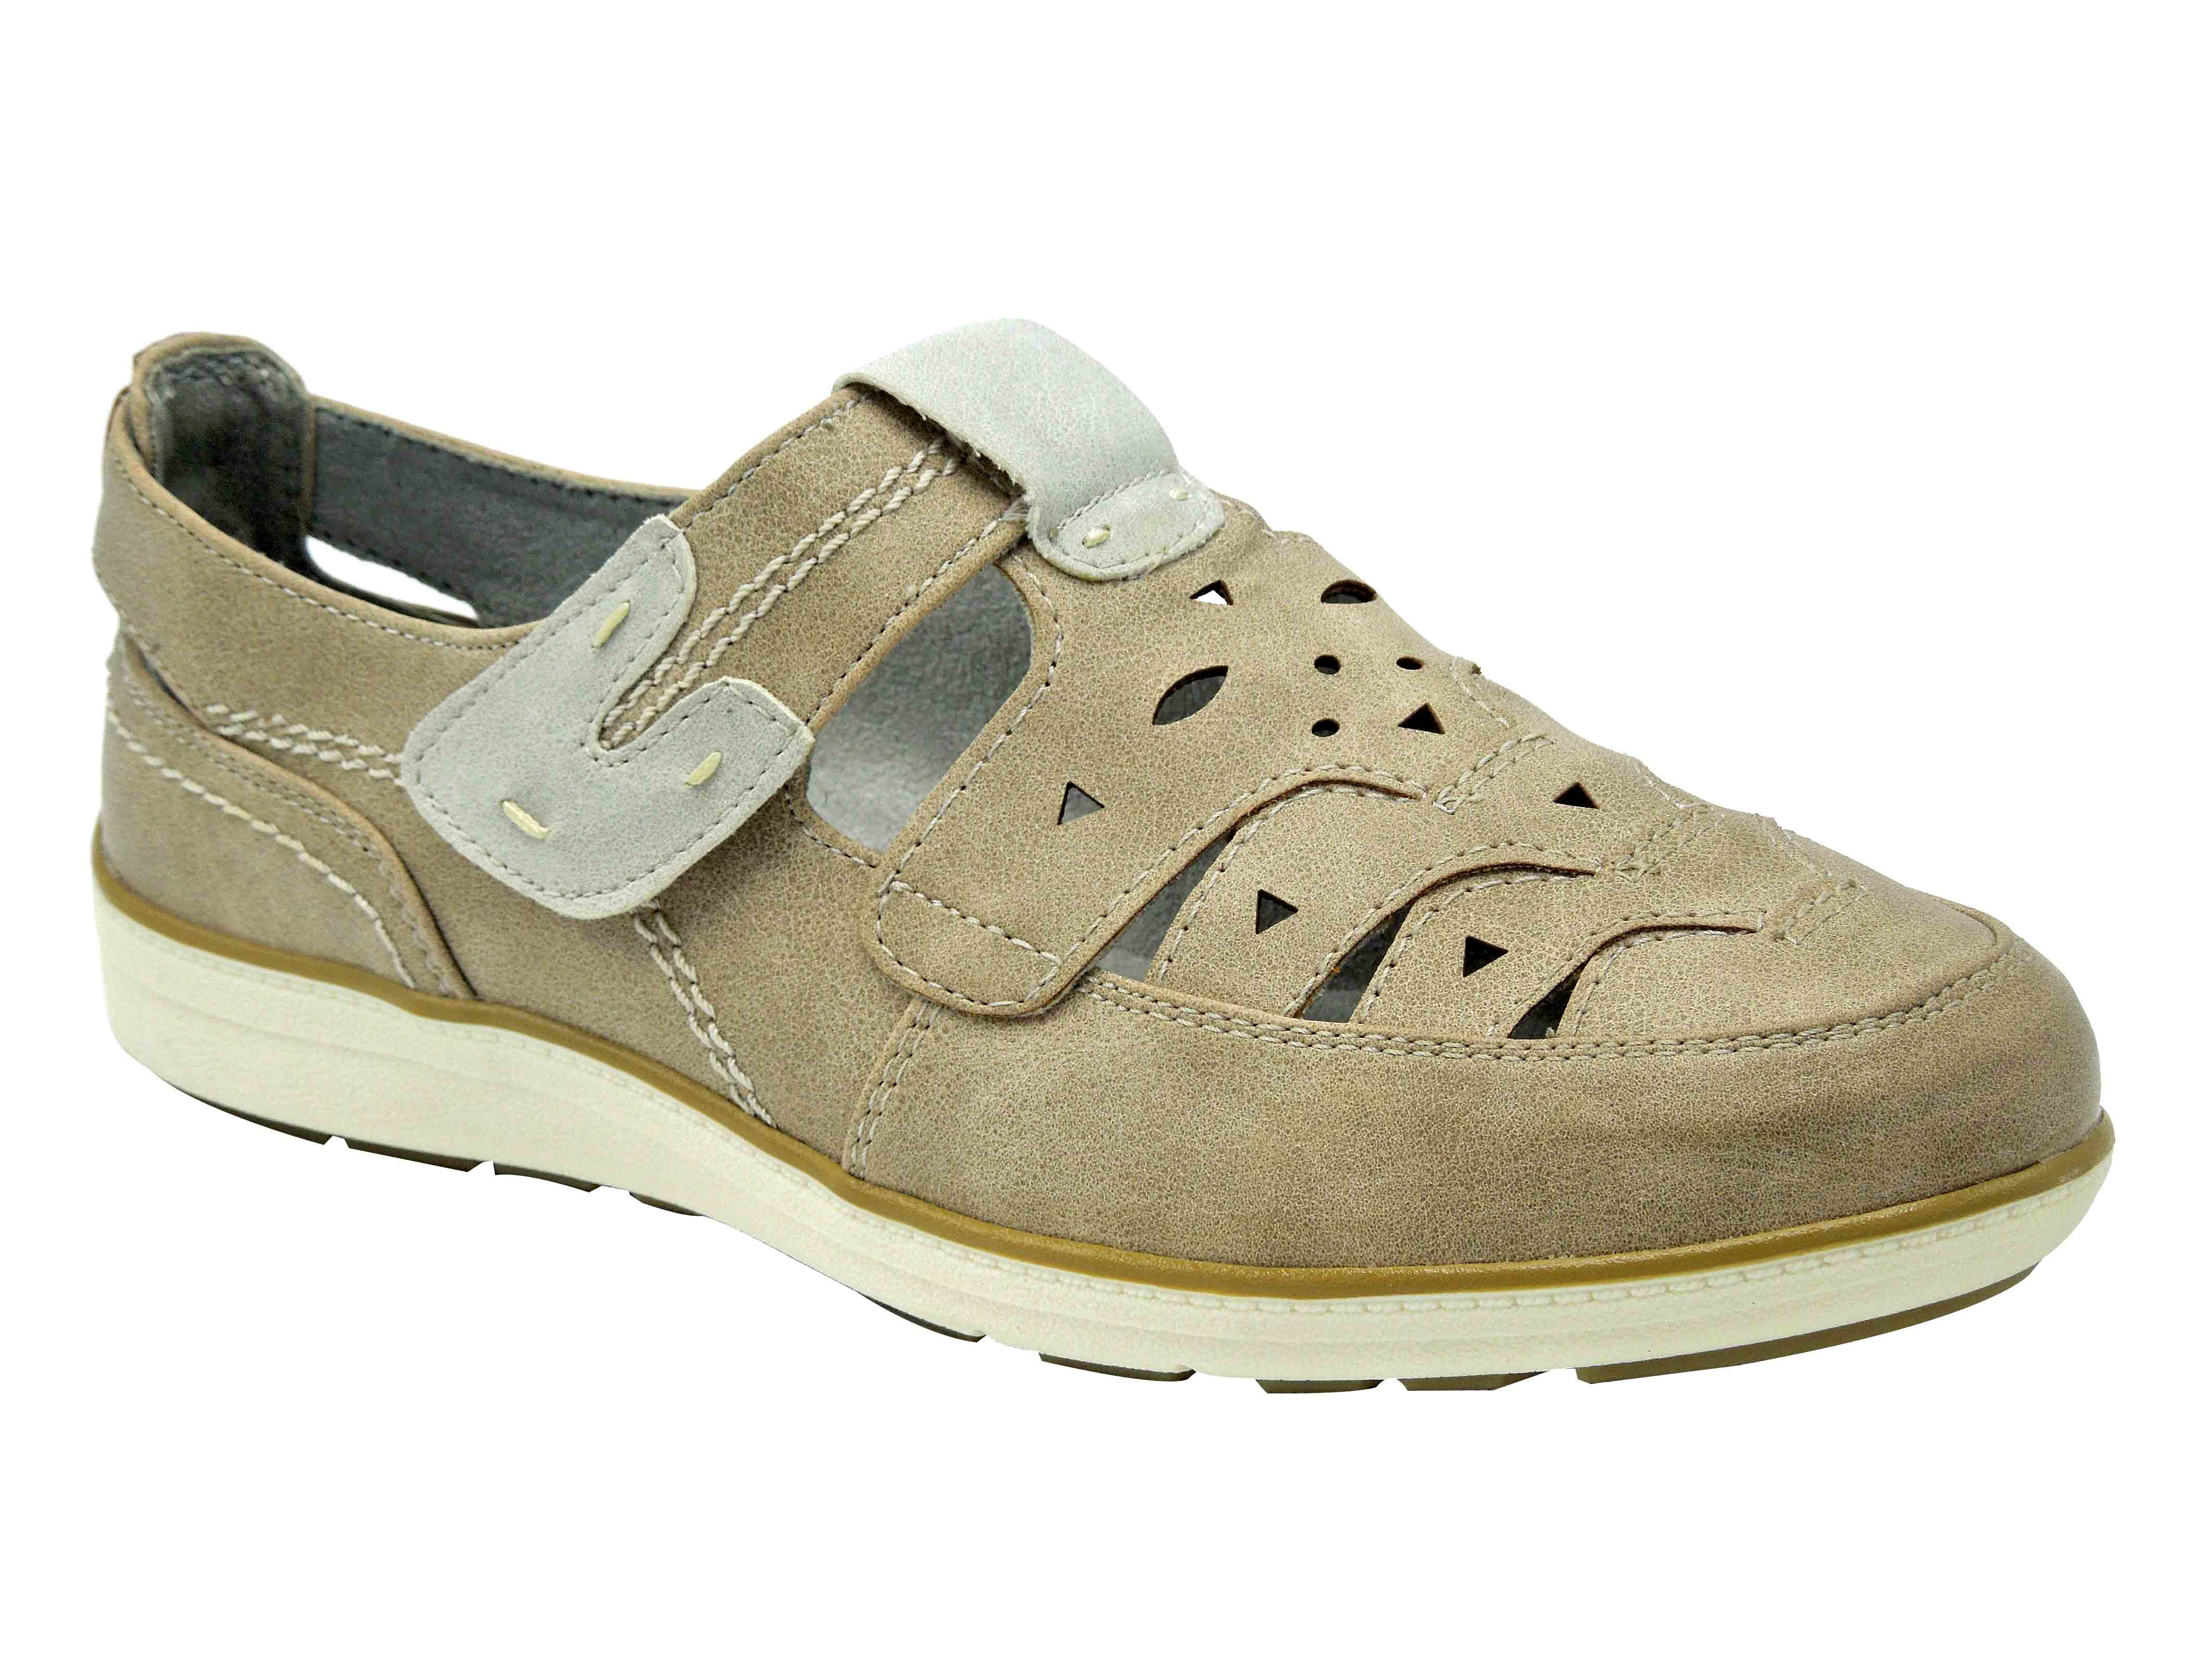 c54a4d8564a Dámská obuv Jana 8-24666-20 béžová